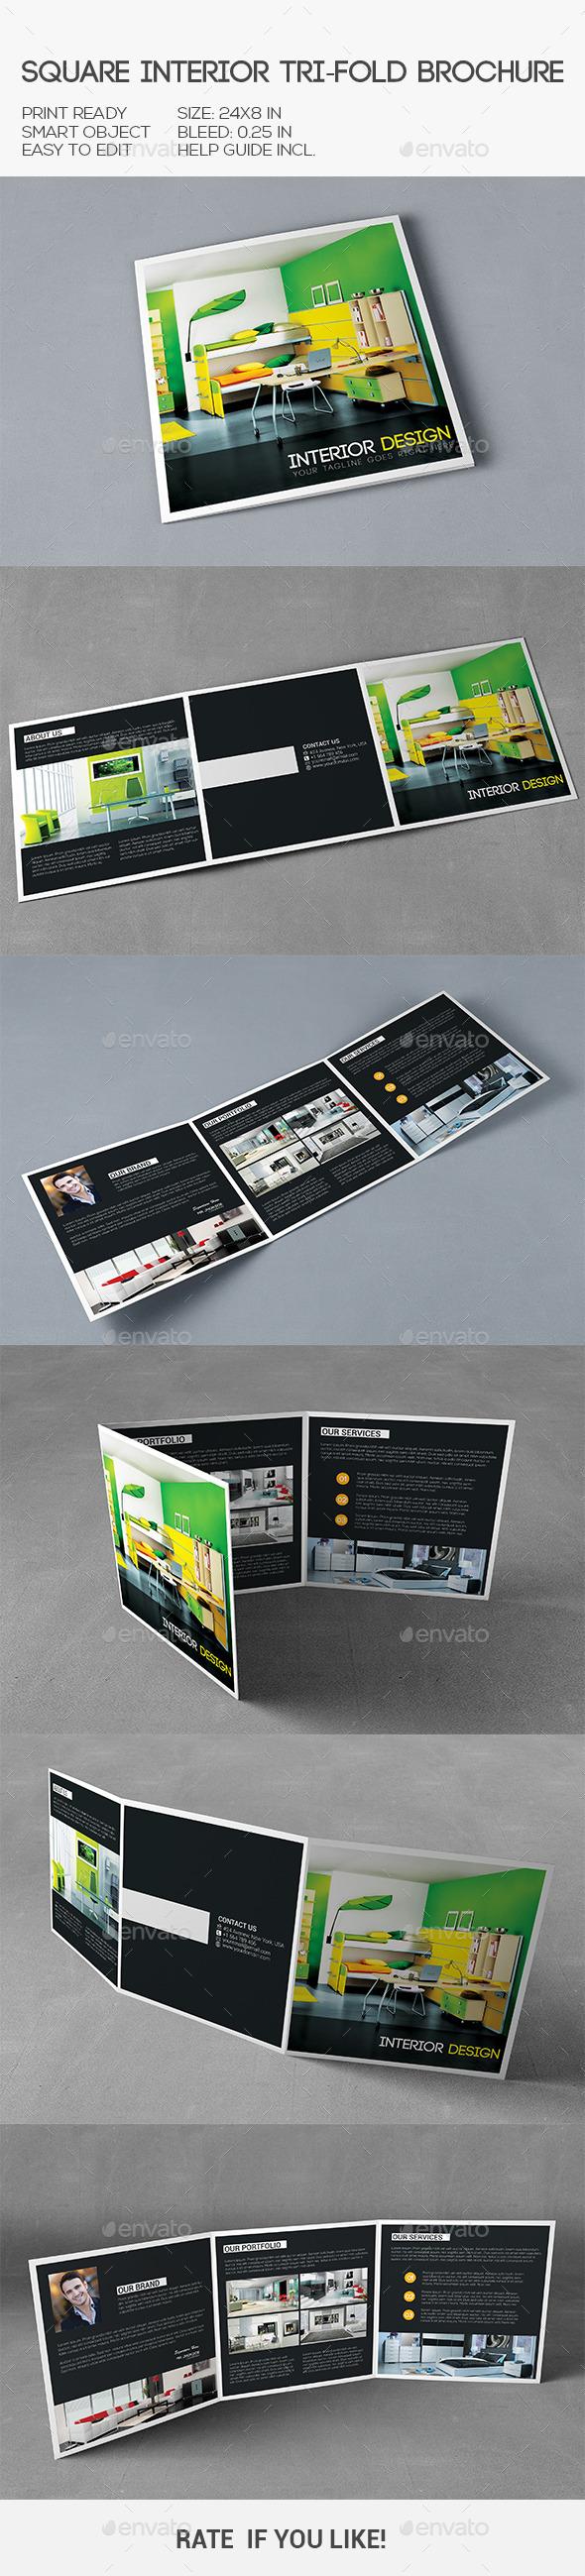 GraphicRiver Square Interior Trifold Brochure 10286642